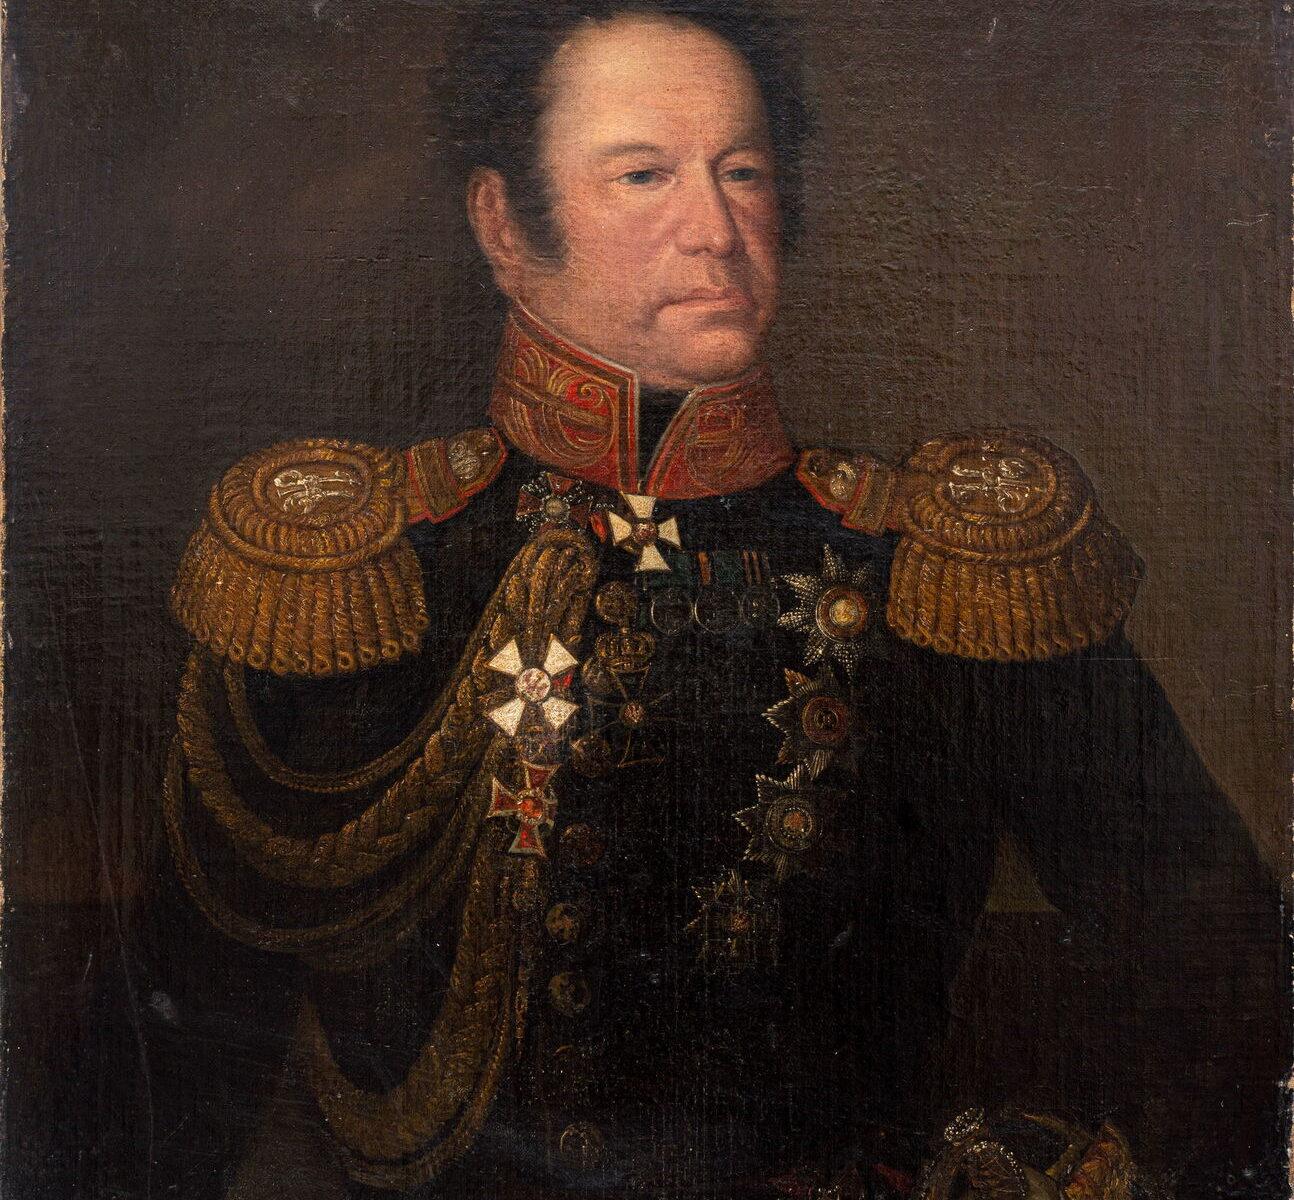 Неизвестный художник Портрет графа Ридигера Федора Васильевича, 1832- 1835 гг.